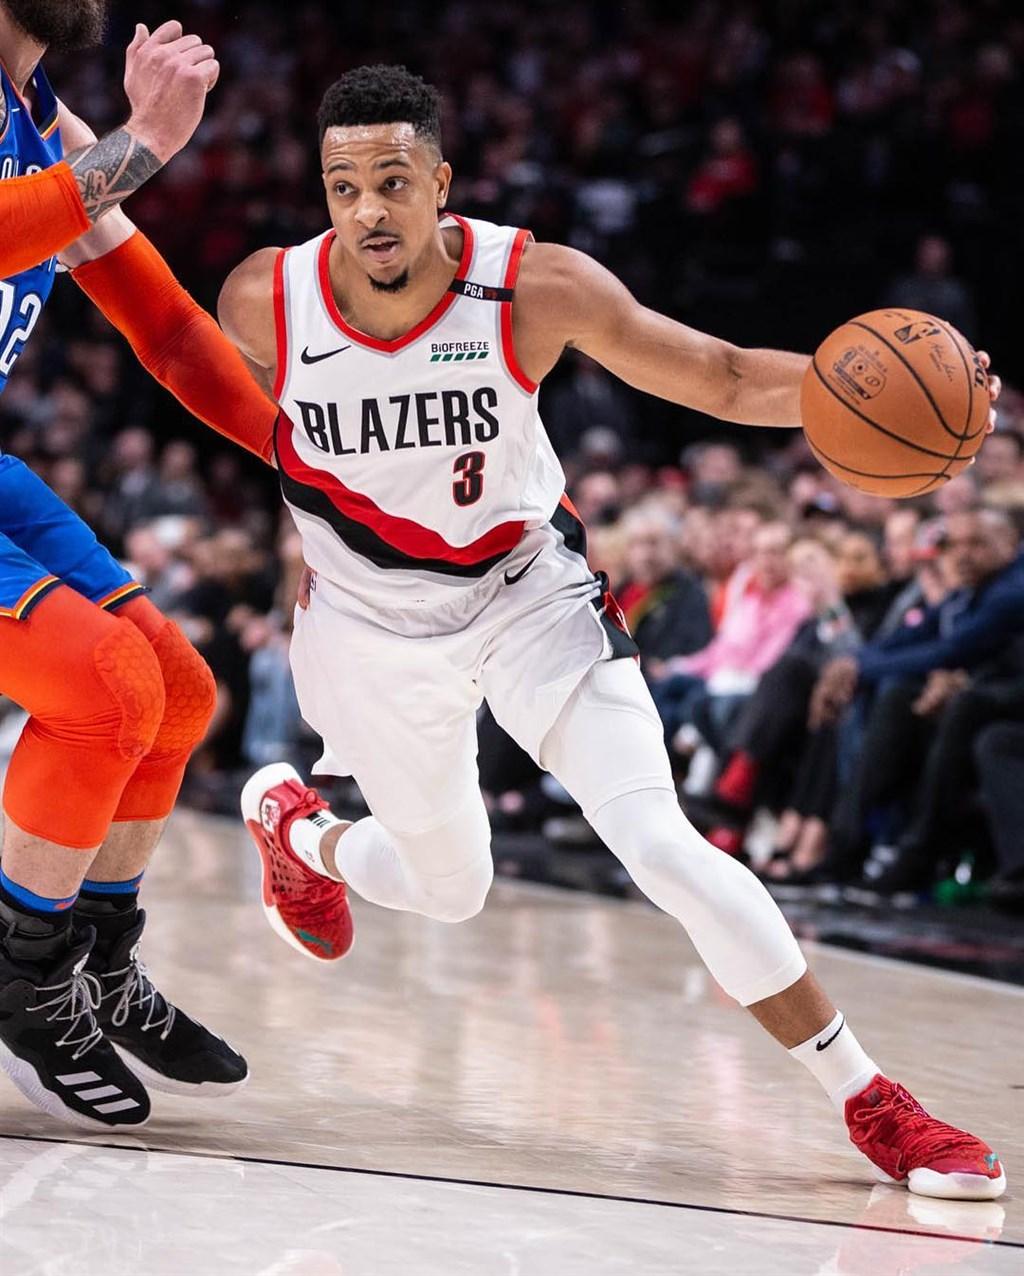 美國職籃NBA波特蘭拓荒者以3年1億美元(約新台幣31.33億元)延長合約,留住後衛麥卡倫。(圖取自facebook.com/OfficialCJMcCollum)